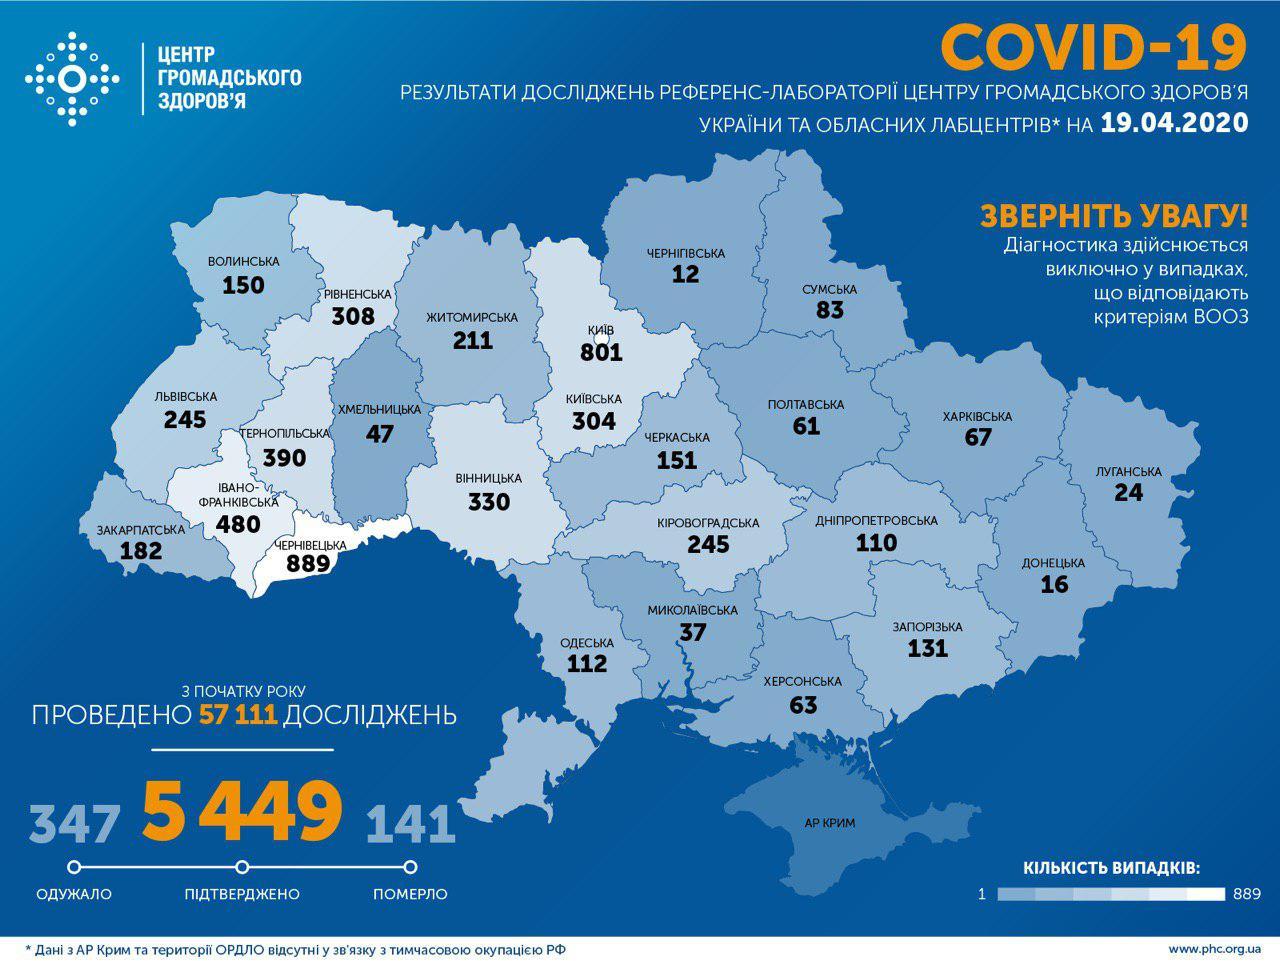 В Україні зафіксовано 5449 випадків COVID-19, померла 141 людина